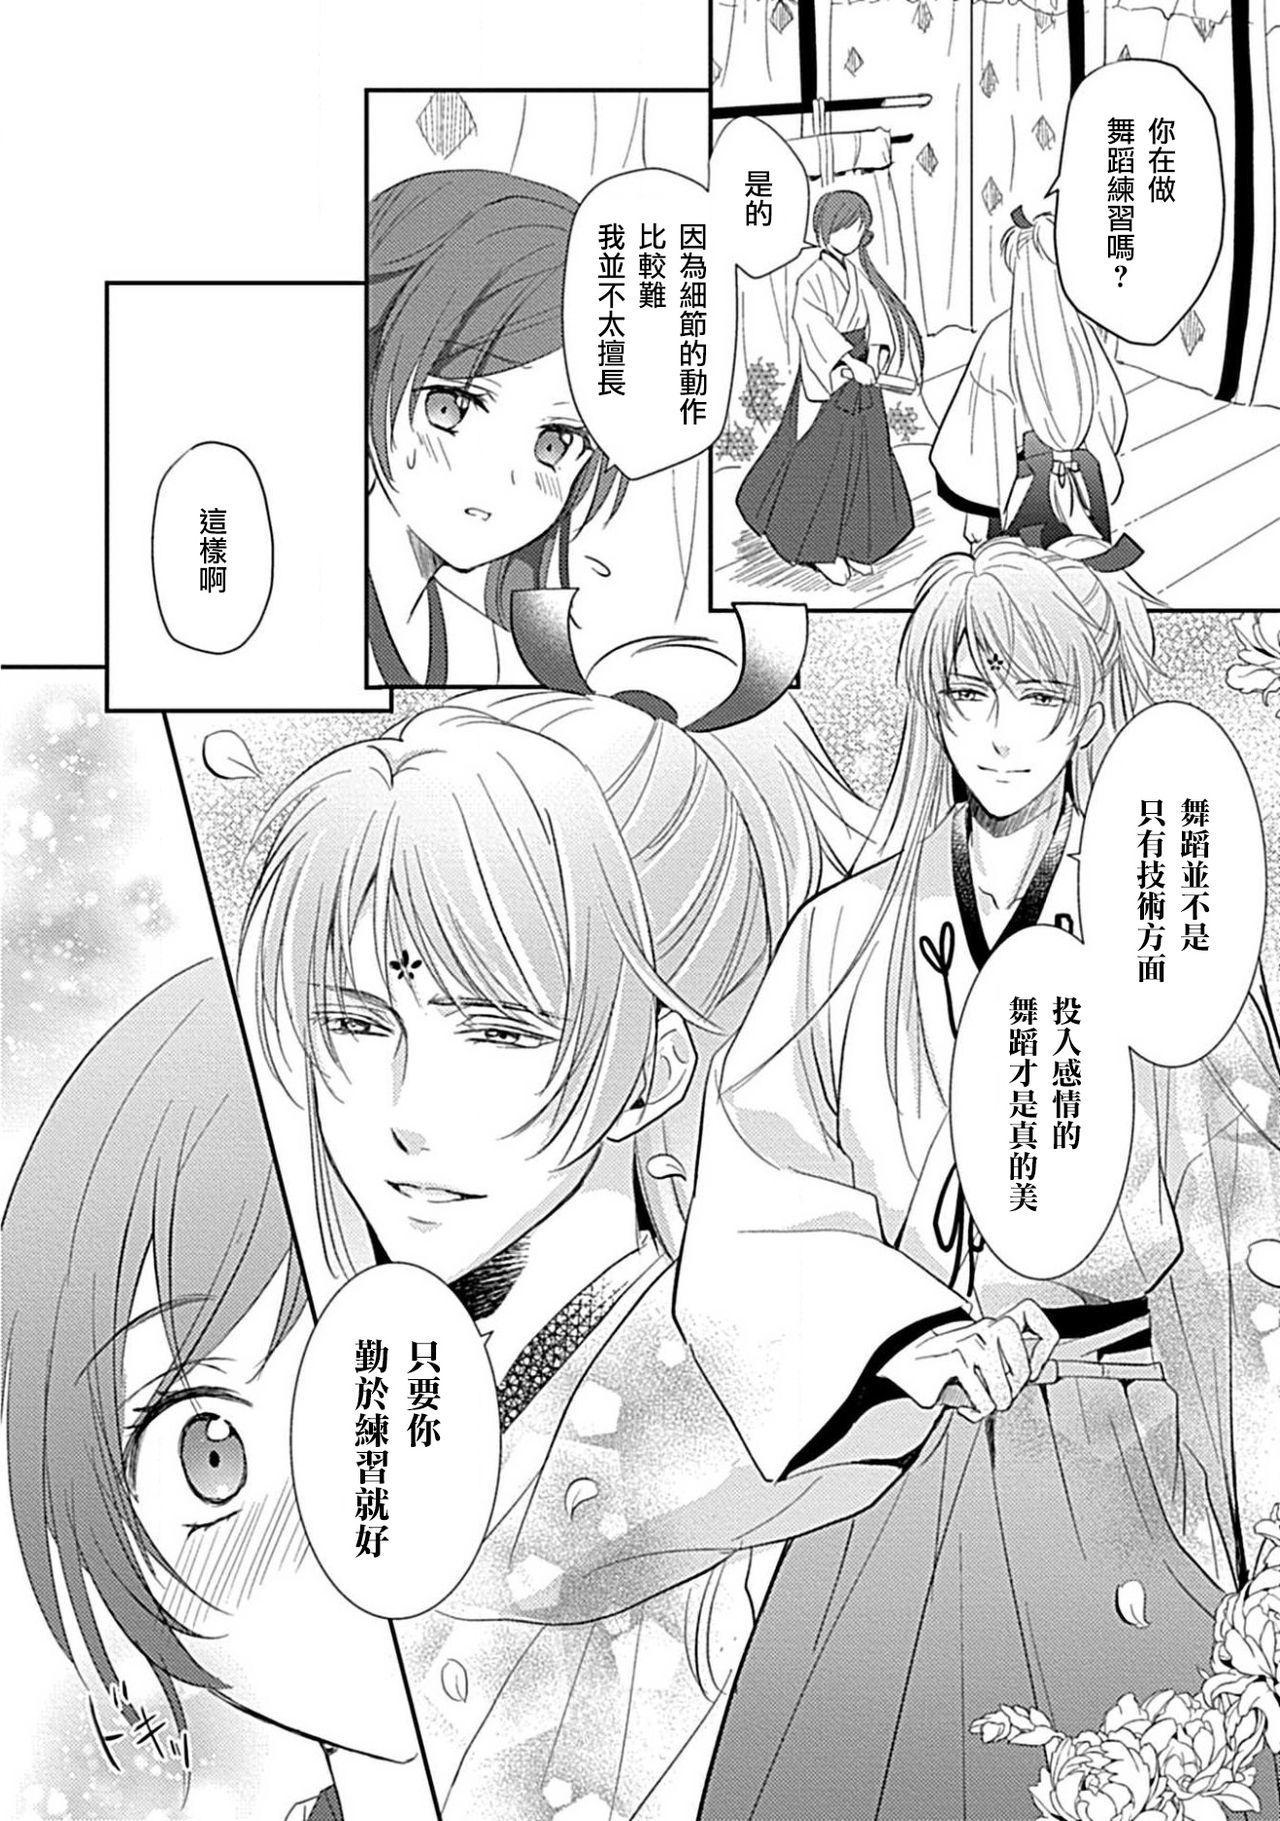 kyosei ranbu itoshi no kamisama ha amayaka ni osu deshita | 嬌聲亂舞 深愛的神明大人甜寵且英勇 2